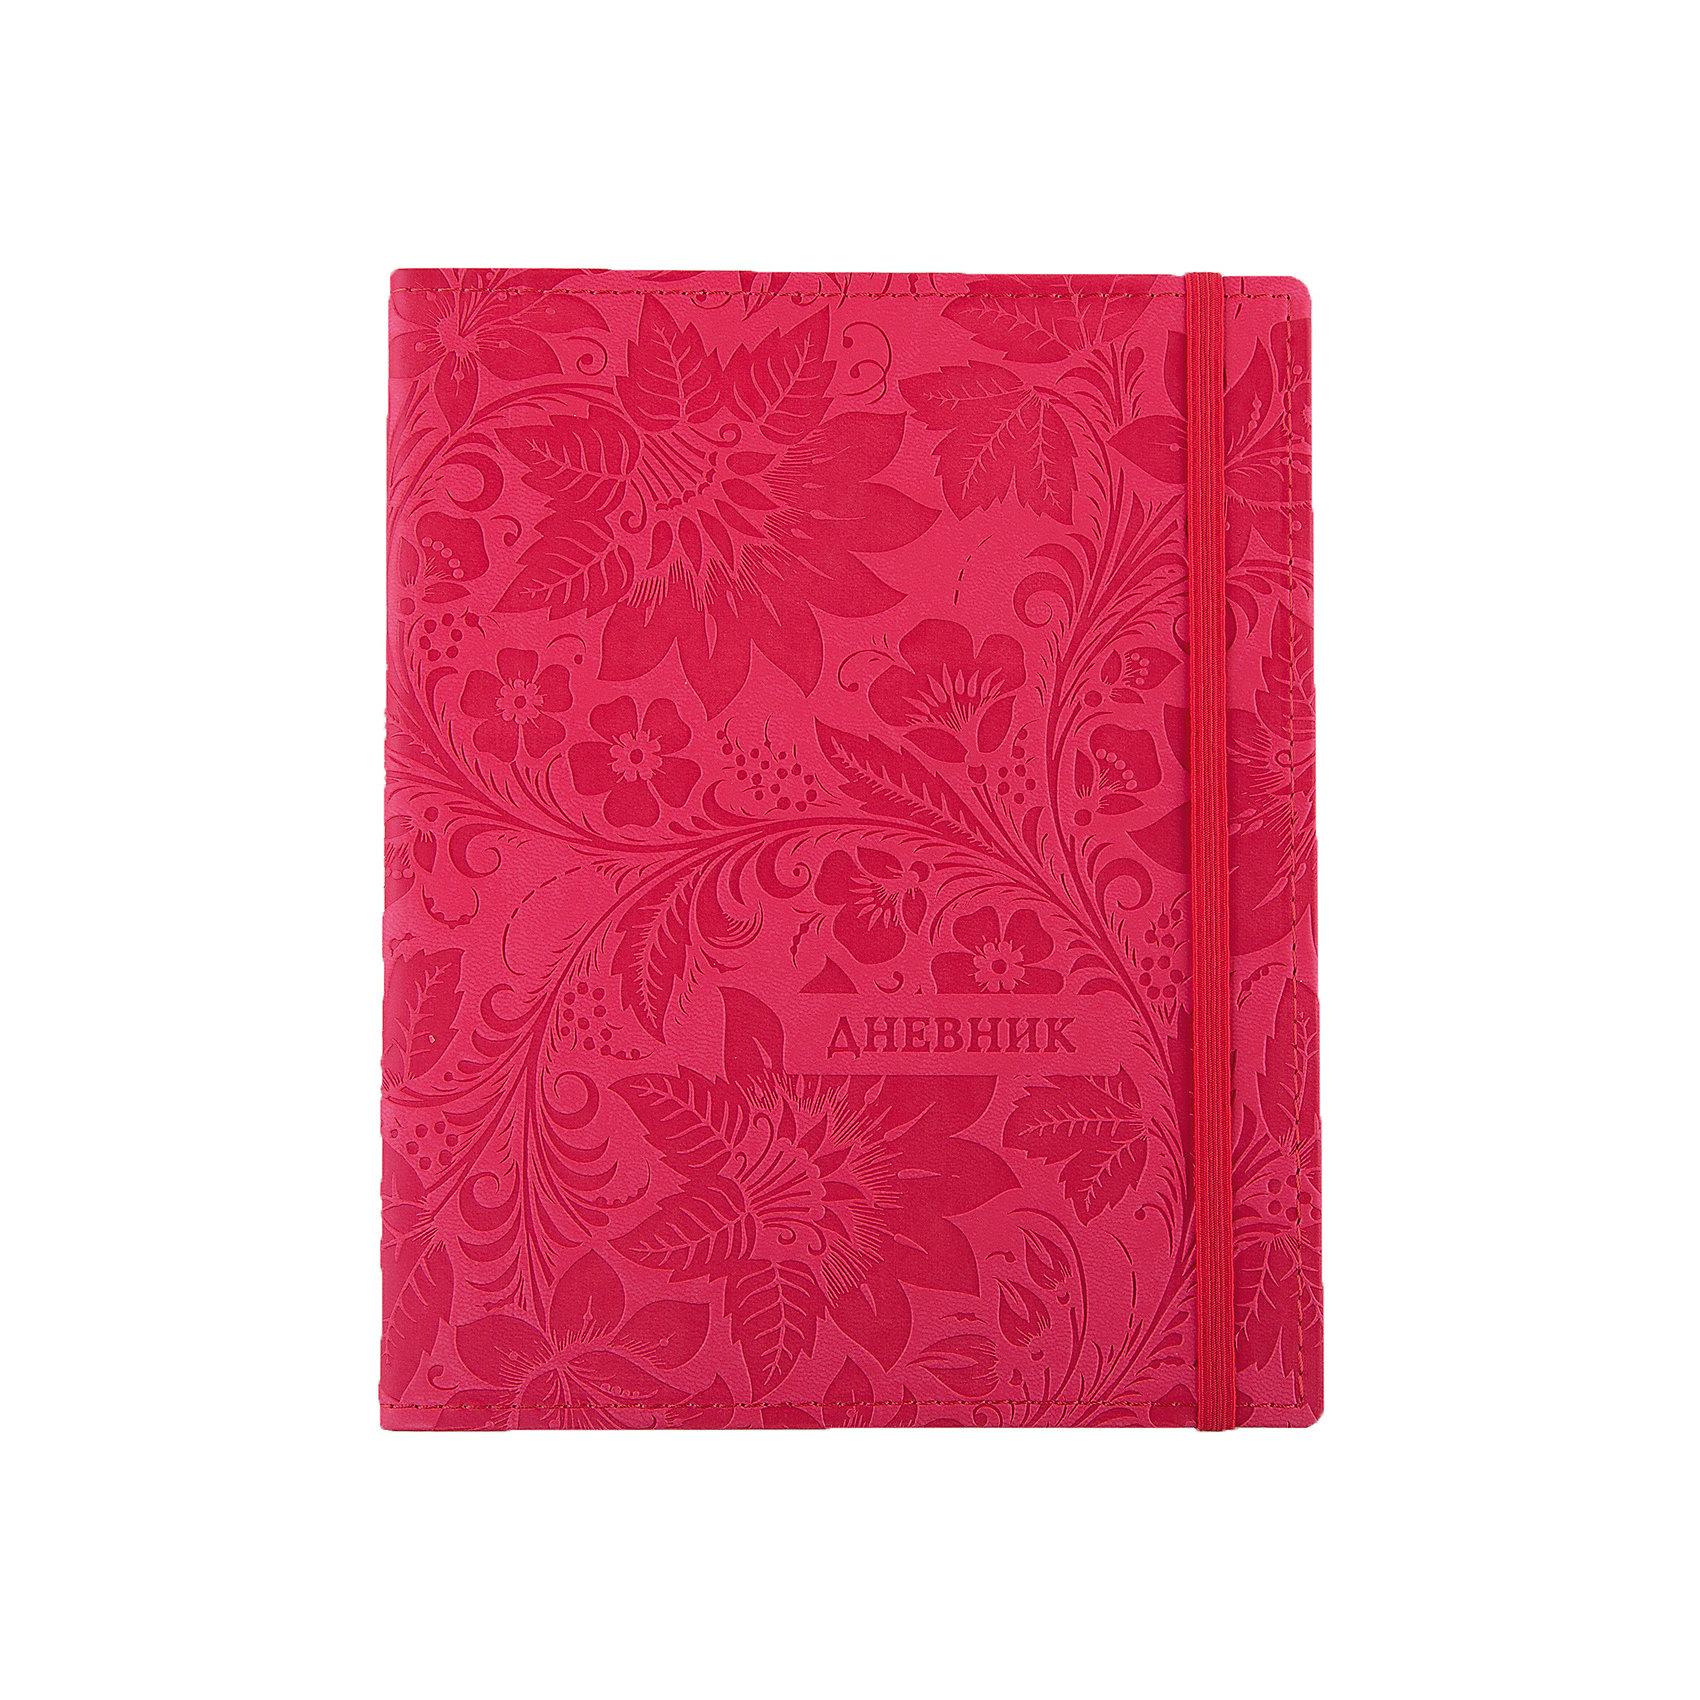 Дневник. Универсальный блок.Бумажная продукция<br>Характеристики товара:<br><br>• возраст: от 6 лет;<br>• цвет: розовый;<br>• формат: А5;<br>• количество листов: 48;<br>• разметка: в линейку;<br>• бумага: офсетная;<br>• переплет: интегральный;<br>• обложка: исскуственная кожа, картон;<br>• размер: 21,5х17х0,5 см.;<br>• вес: 210 гр.;<br>• страна бренда: Россия;<br>• страна изготовитель: Россия.<br><br>Дневник имеет сшитый внутренний блок, состоящий из 48 листов белой бумаги (плотность 70г/кв.м.) с линовкой синего цвета и тиснением из фольги. Снабжен резинкой, что поможет быстро открыть нужную страницу. Прочная и приятная на ощупь обложка выполнена из высококачественной искусственной кожи с цветочным рисунком.<br><br>Первая страница дневника представляет собой анкету для личных данных владельца, также на ней указаны телефоны экстренной помощи. На следующих страницах находятся список преподавателей, список преподавателей,  расписание кружков, секций и факультативов, заметки классного руководителя и учителей. На последних страницах дневника имеются сведения о заданиях на каникулы, список литературы для чтения, сведения об успеваемости и поведении ребенка за учебный год, список одноклассников и справочный материал по различным предметам.<br><br>Дневник - это первый ежедневник вашего ребенка. Он поможет ему не забыть свои задания, а вы всегда сможете проконтролировать его успеваемость.<br><br>Дневник, универсальный блок, 48 листов, можно купить в нашем интернет-магазине.<br><br>Ширина мм: 215<br>Глубина мм: 170<br>Высота мм: 5<br>Вес г: 210<br>Возраст от месяцев: 36<br>Возраст до месяцев: 216<br>Пол: Унисекс<br>Возраст: Детский<br>SKU: 6992534